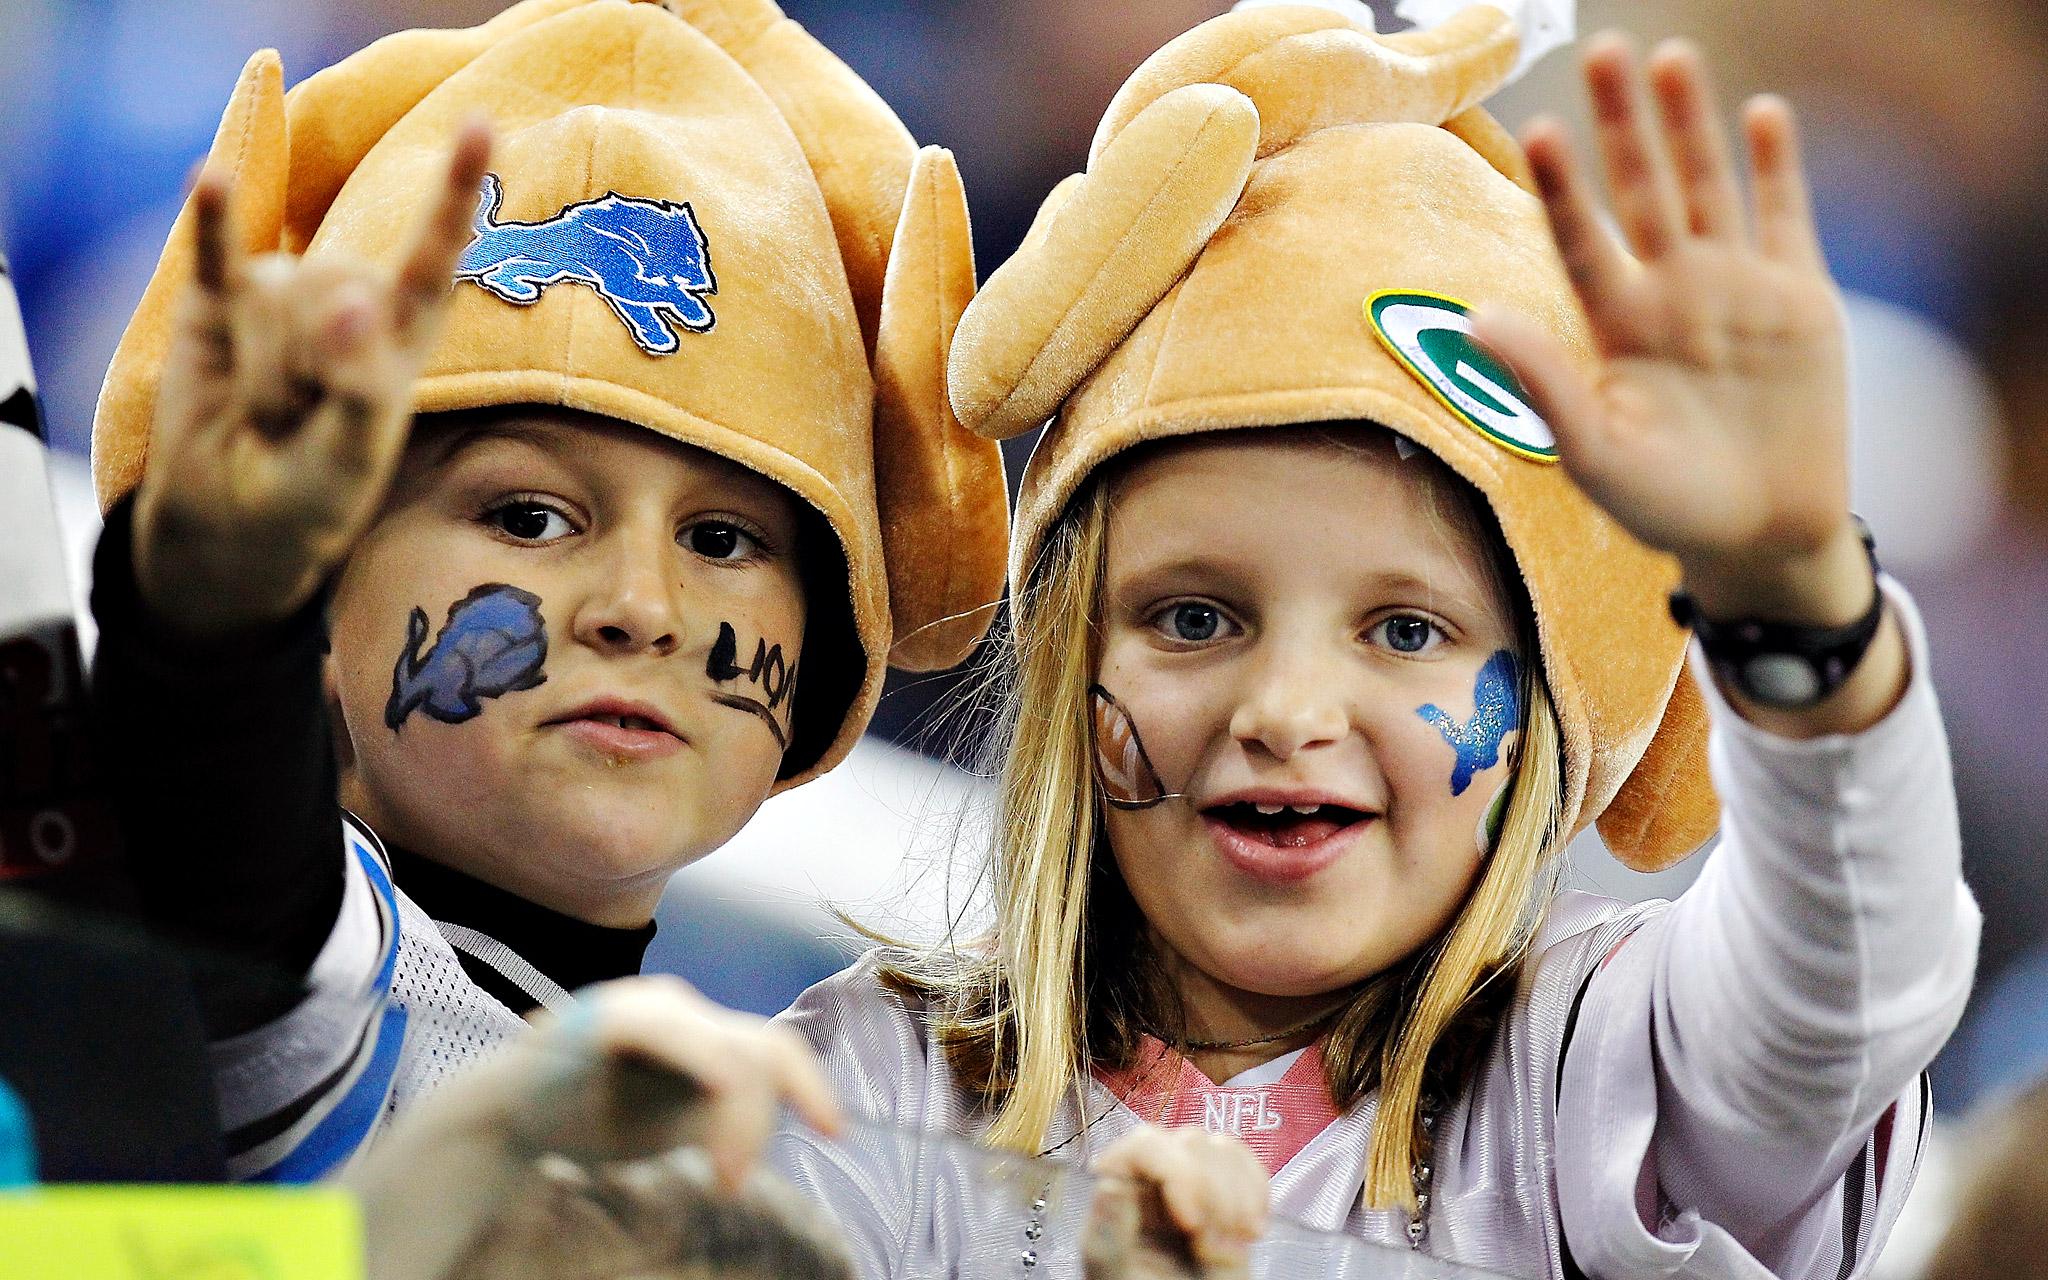 Pint-Sized Fans